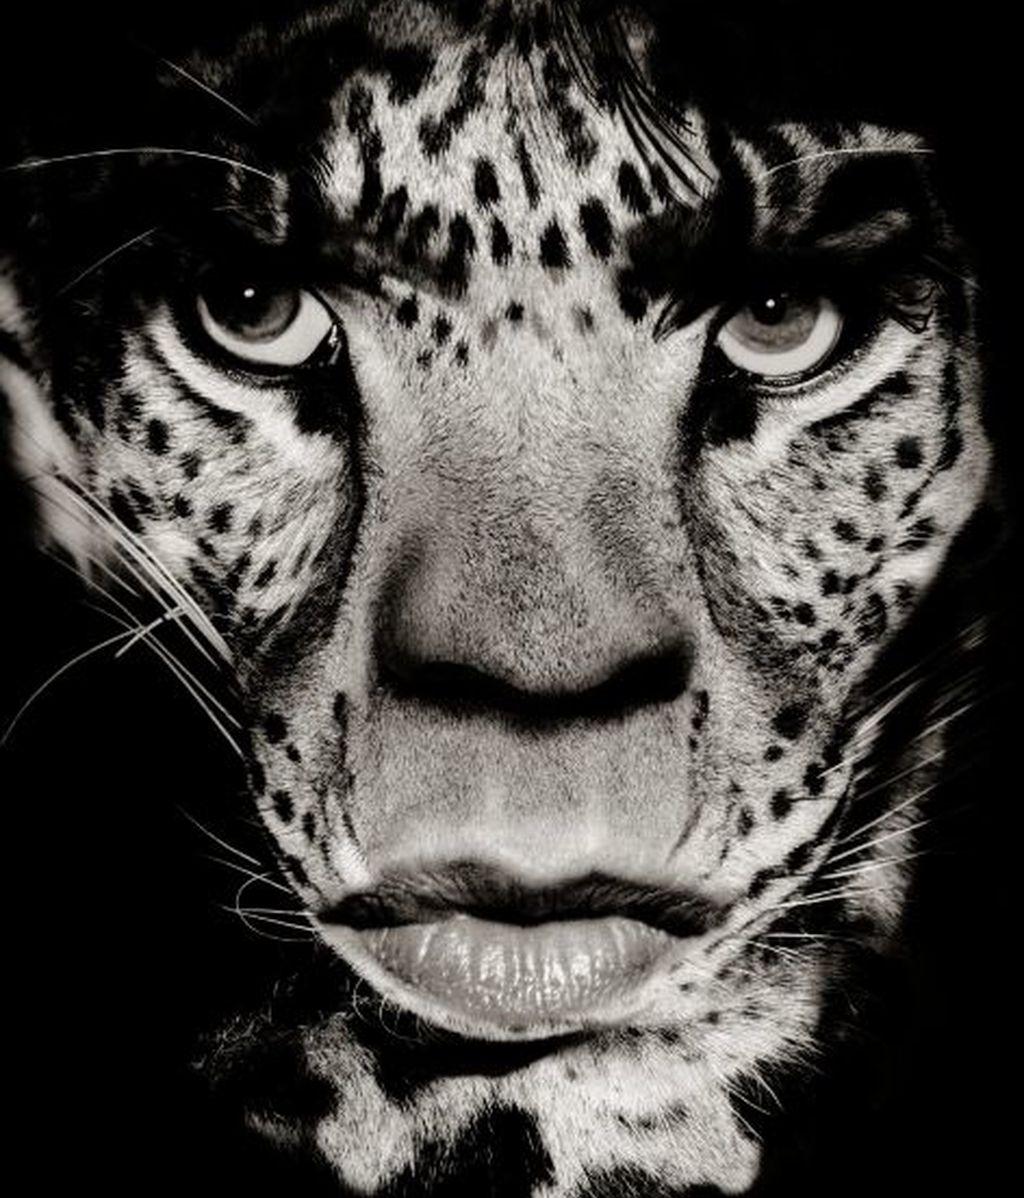 El cantante de los Rolling Stones, Mick Jagger, con un rostro felino